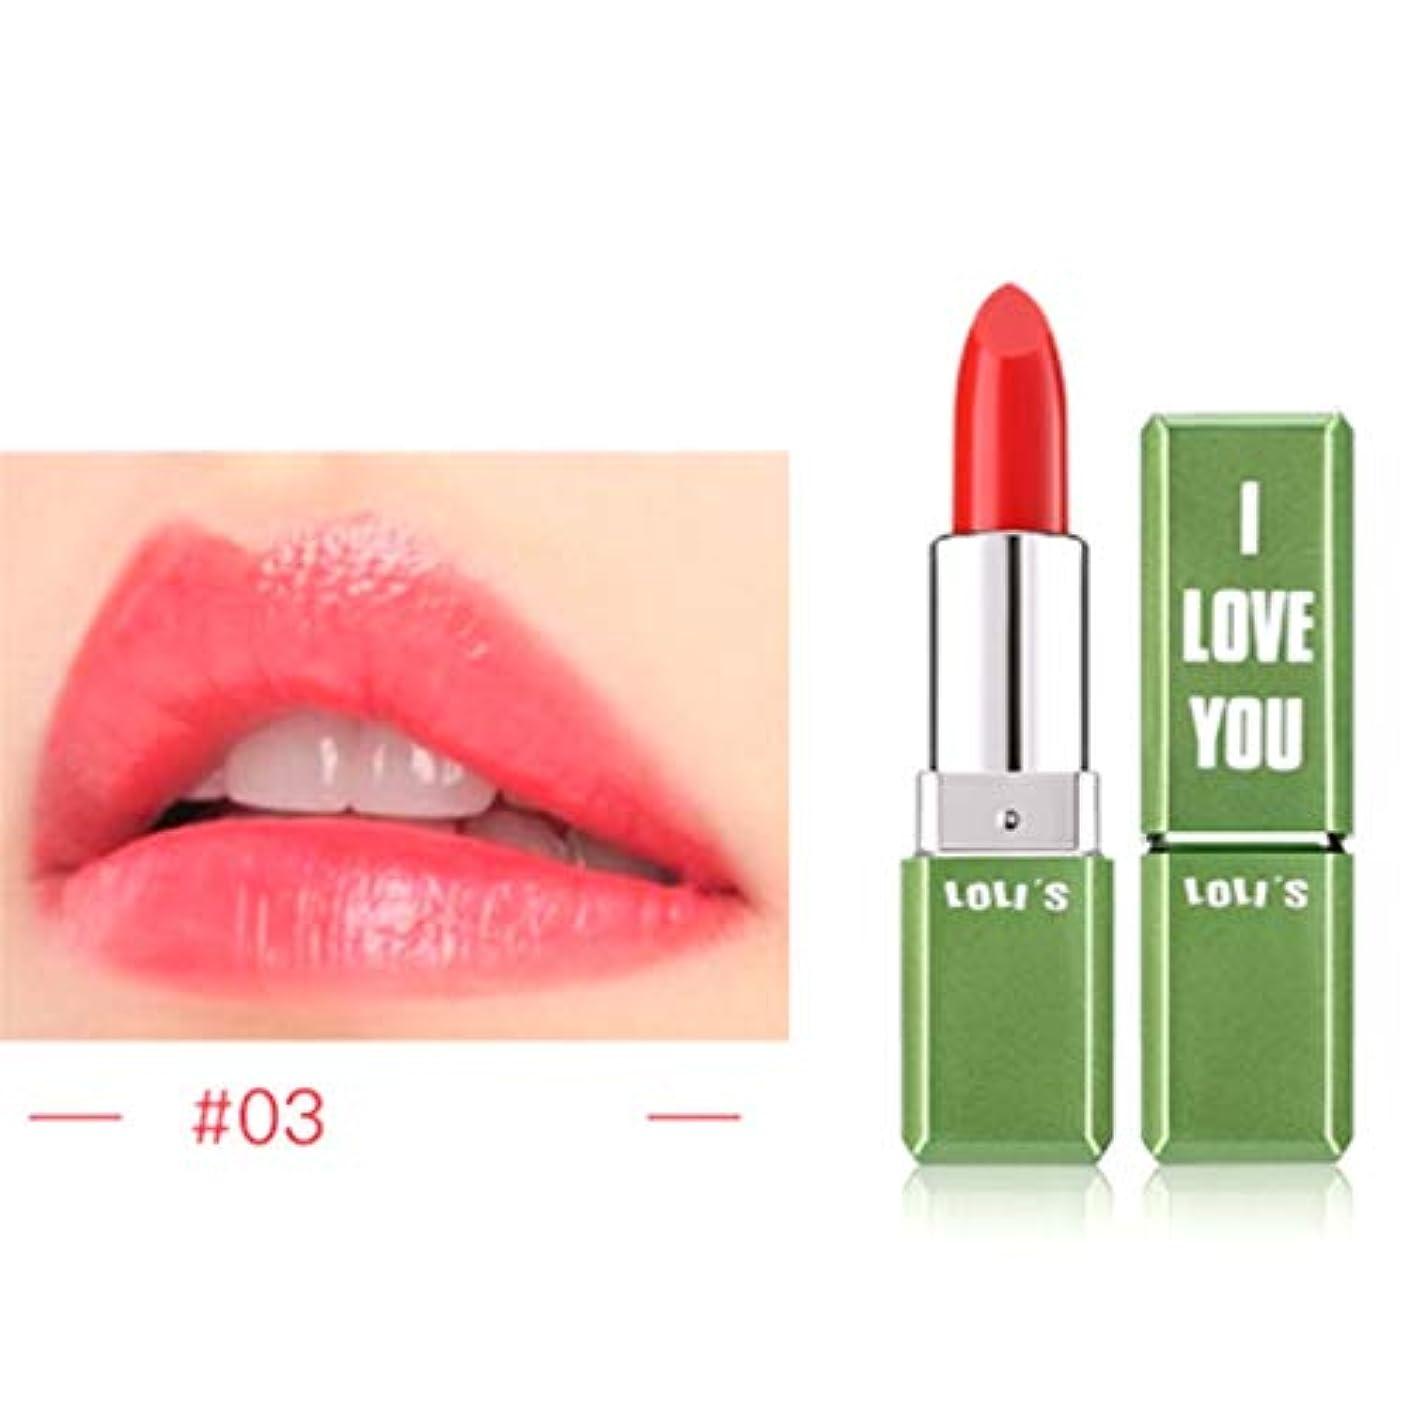 不正リス電話する温度変更緑茶口紅メイクアップリップスティック長持ちモイスチャライザーセクシーな顔料の女性の美容化粧品ツール